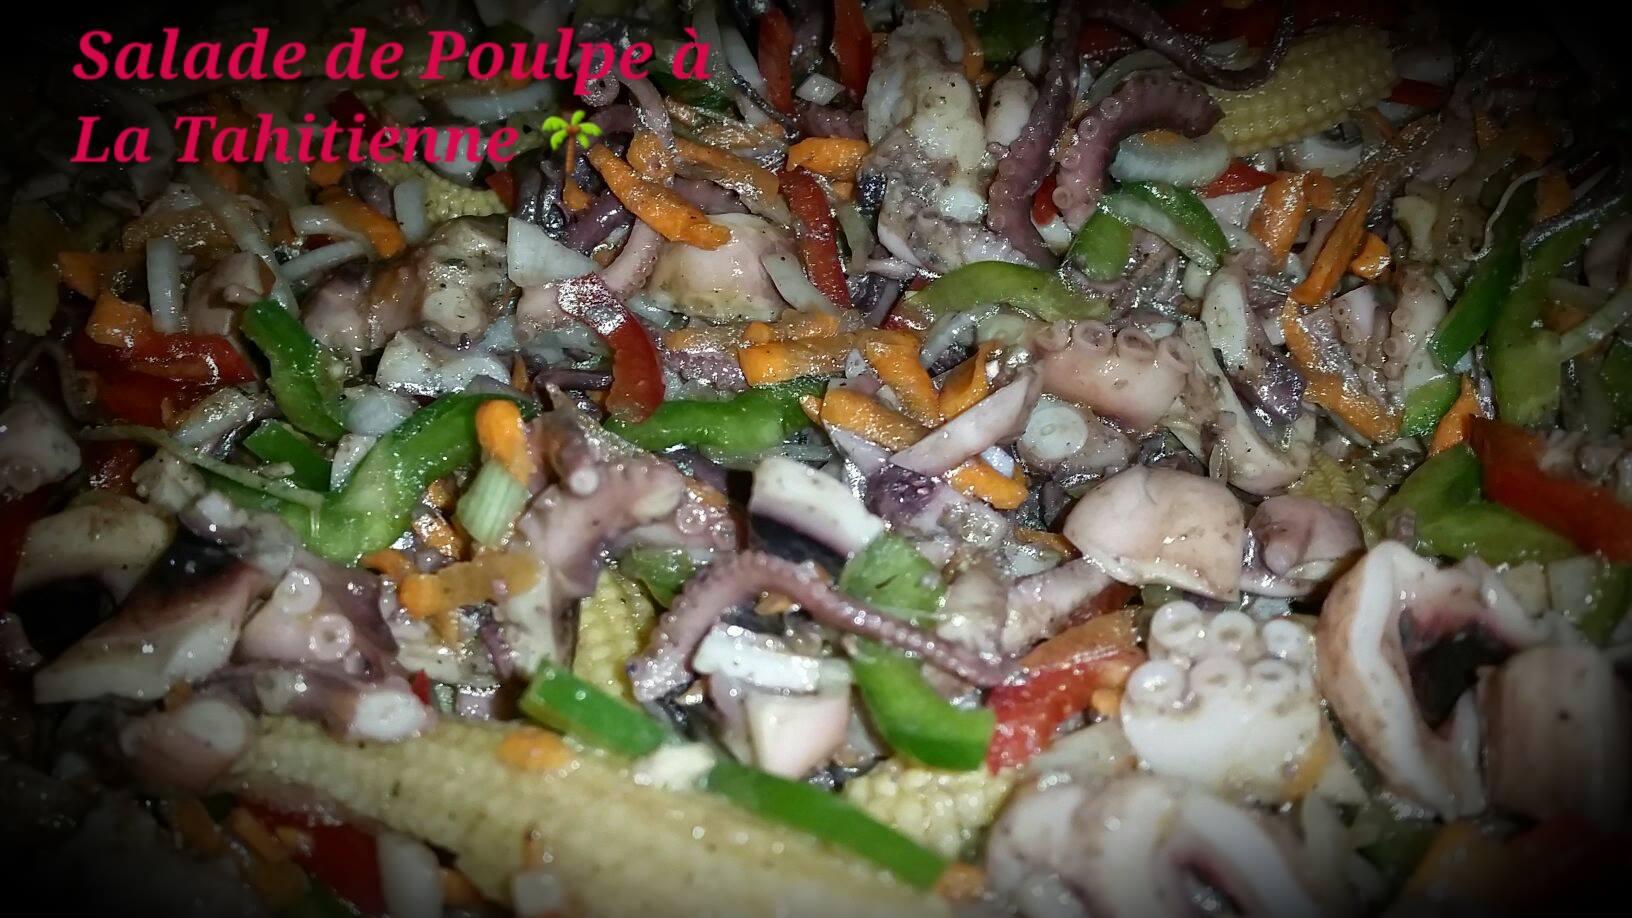 salade de poulpe a la tahitienne